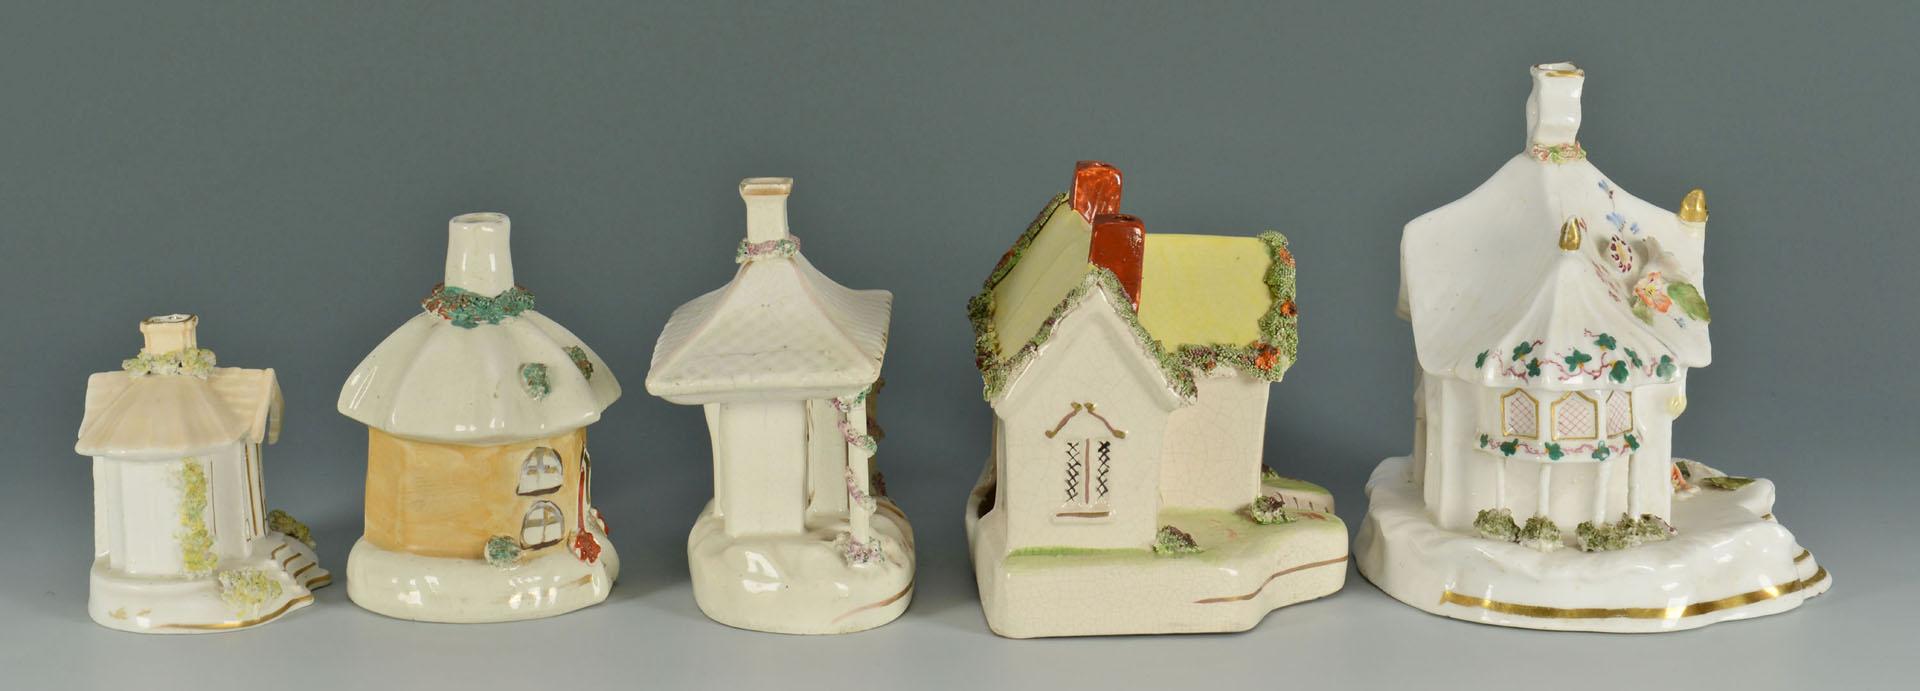 Lot 266: 5 Staffordshire Cottage Pastille Burners